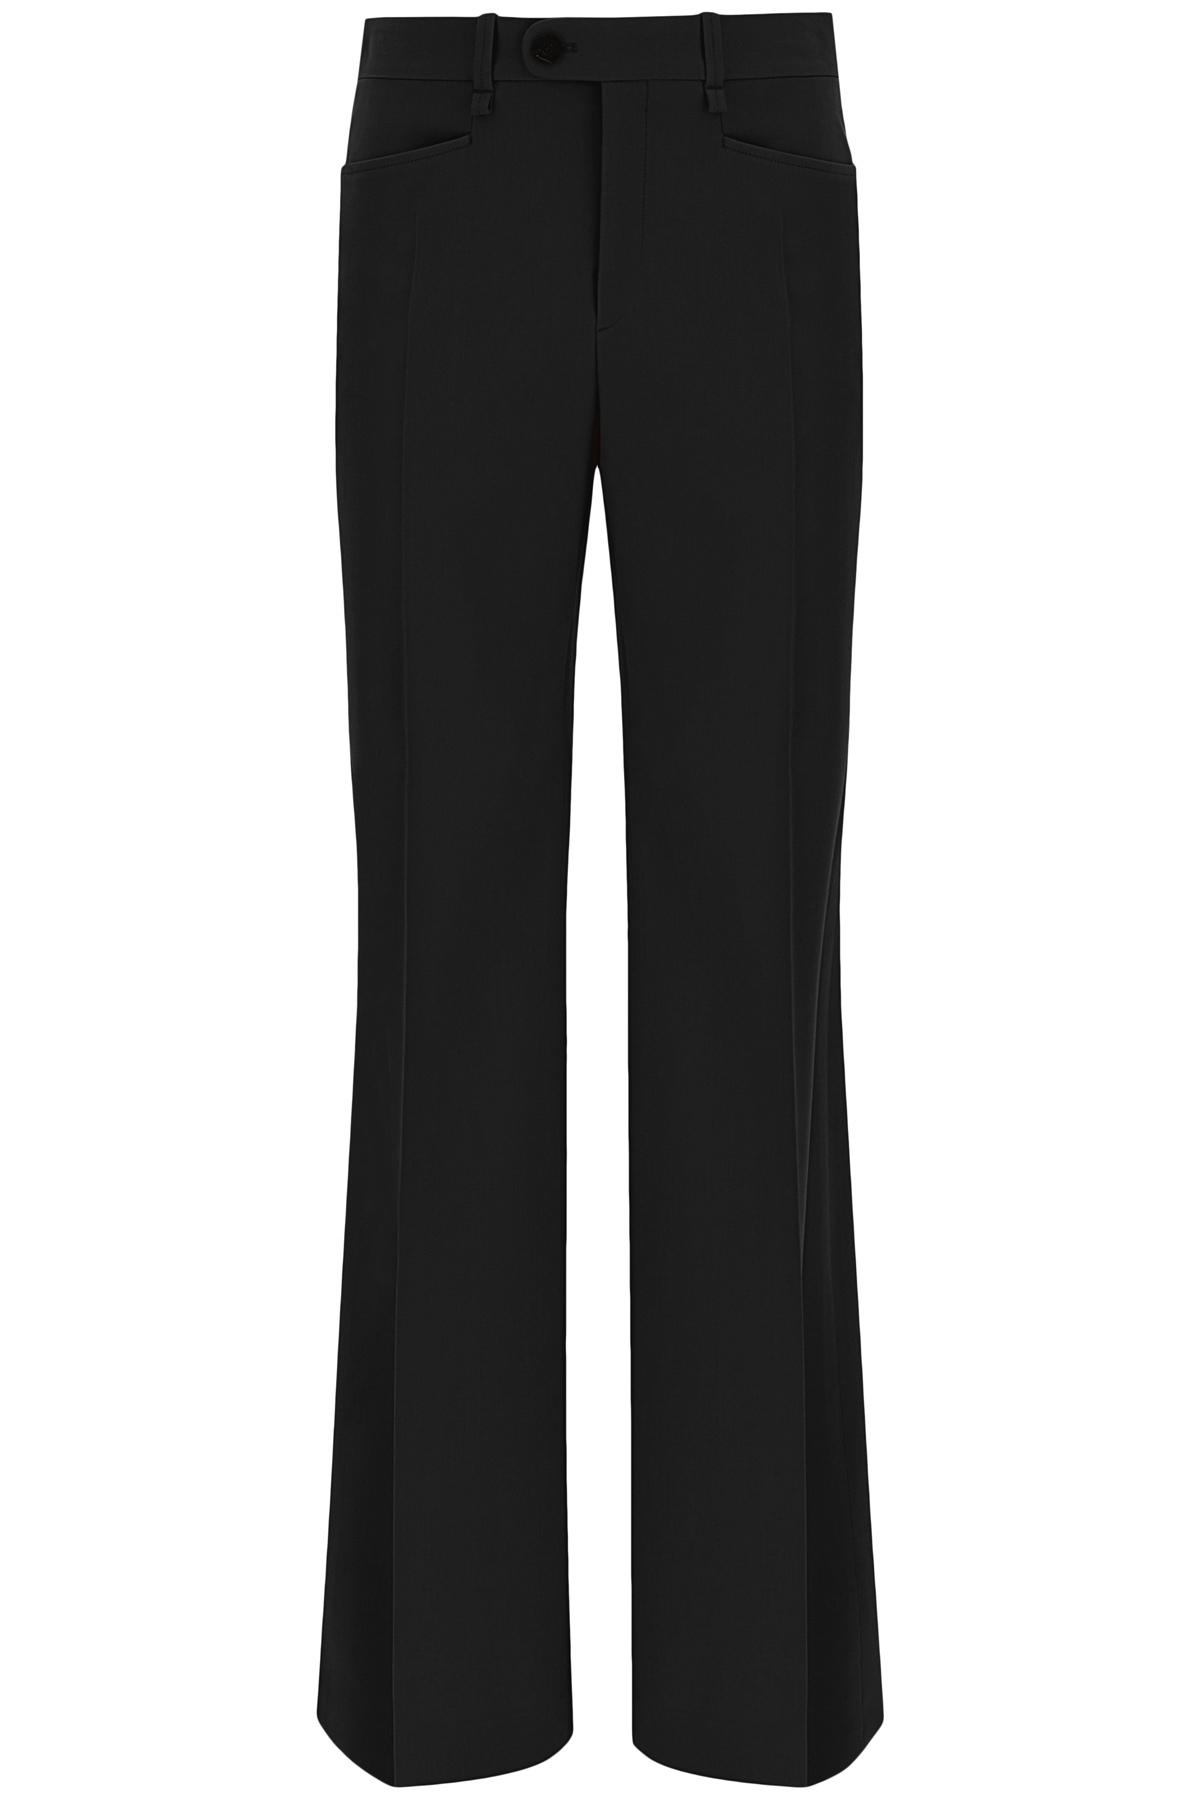 Chloe' pantaloni grain de poudre